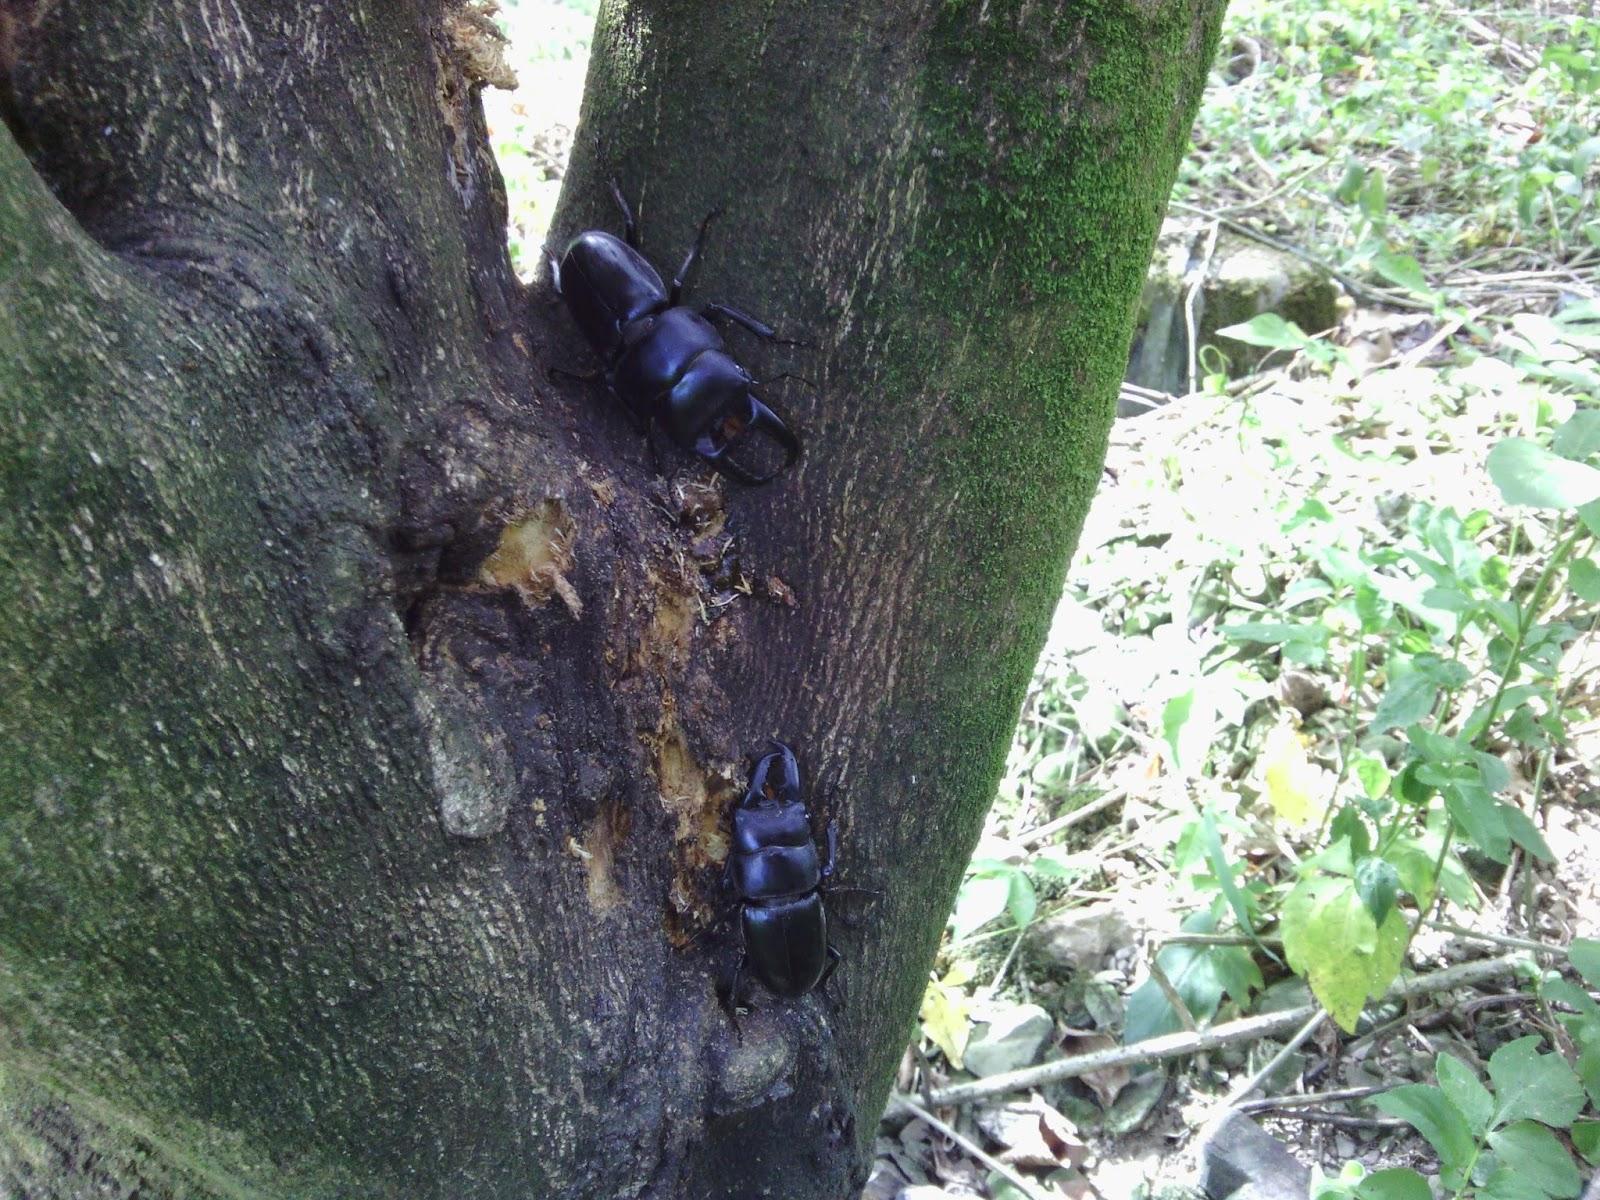 甲蟲森林: 戶外觀察活動~鍬形蟲篇